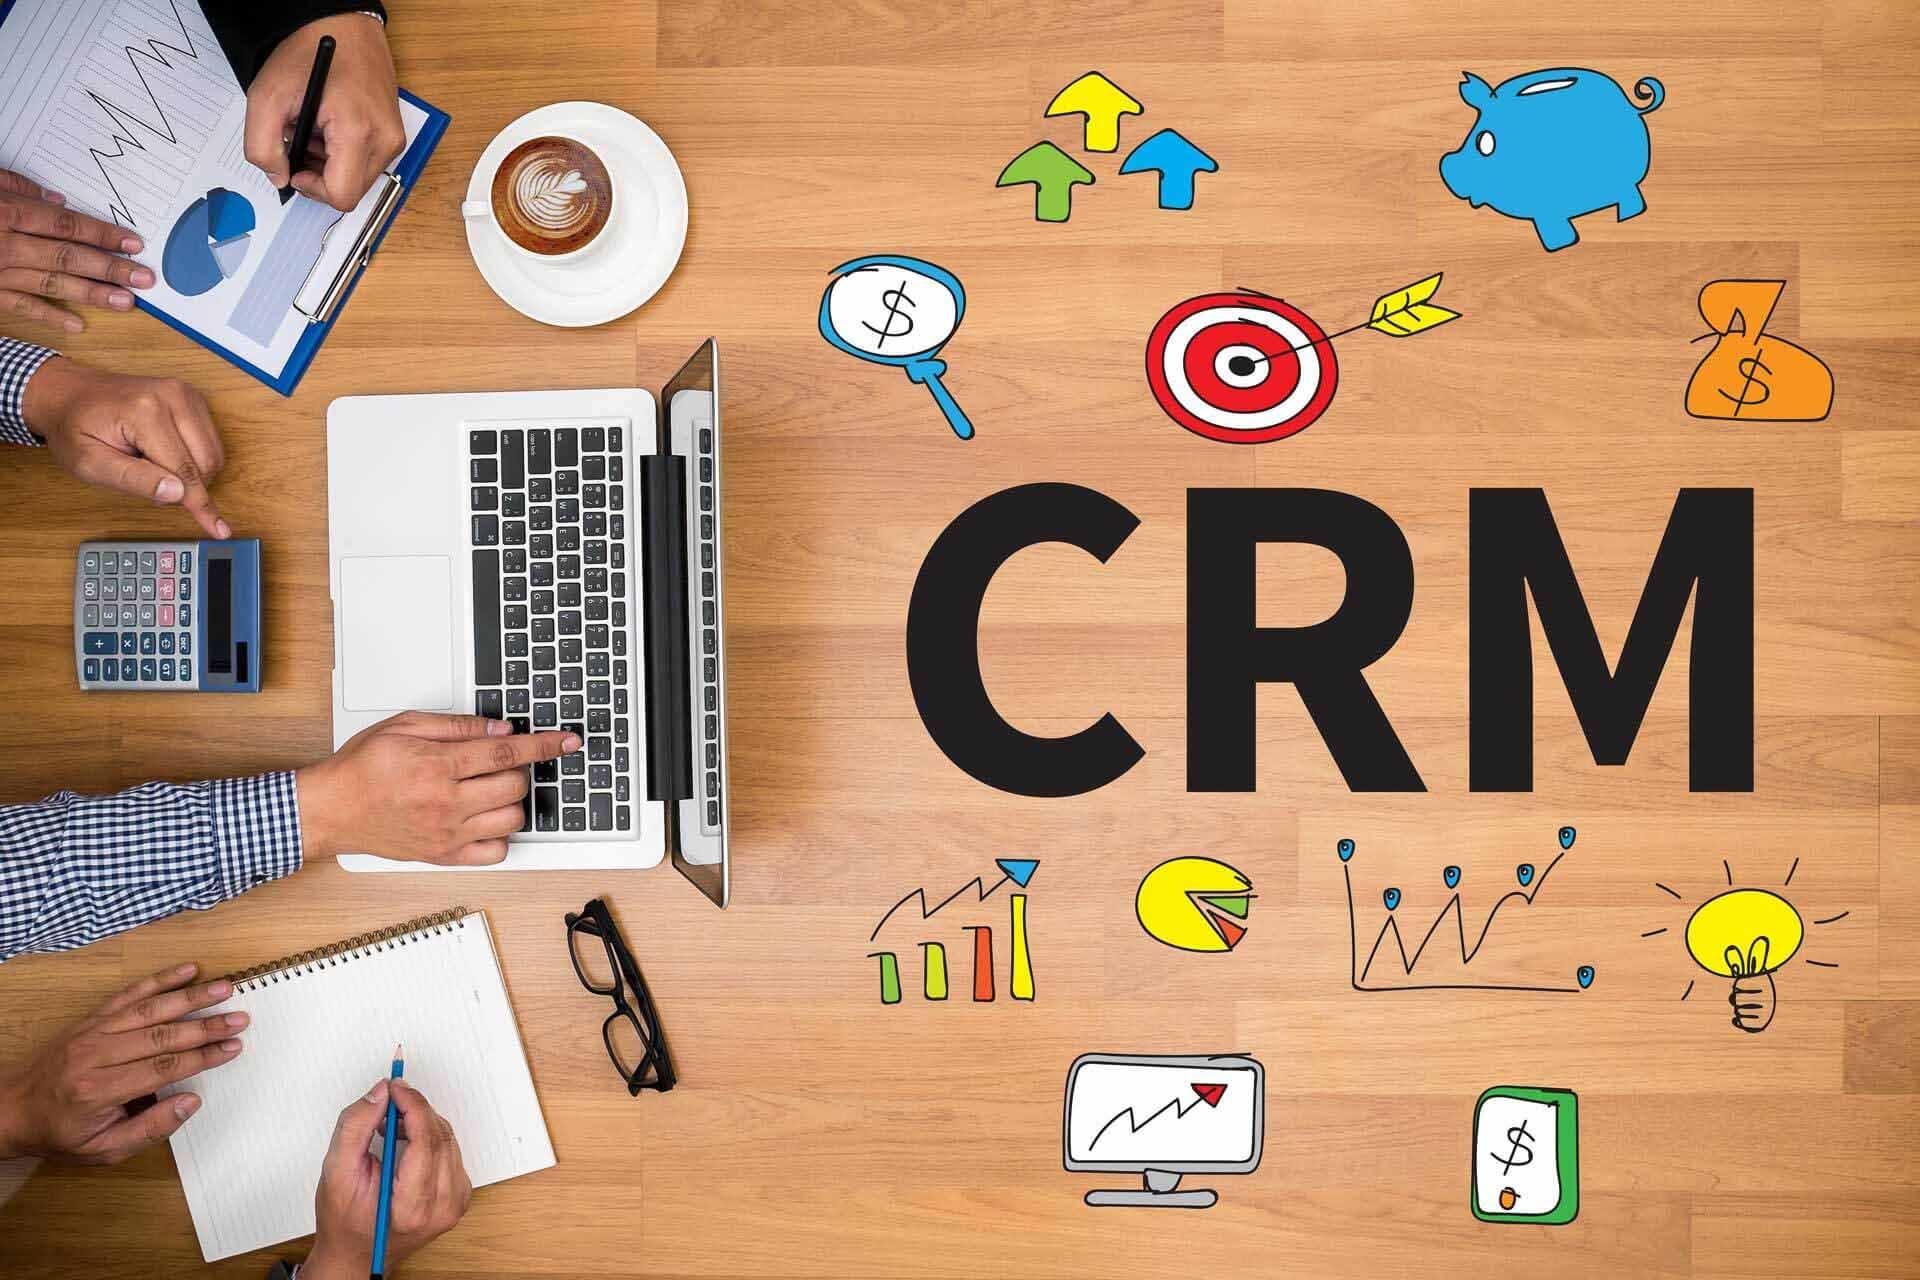 Бесплатный вебинар: Основы запуска CRM в компании. Опыт проектов AmoCRM и Битрикс24